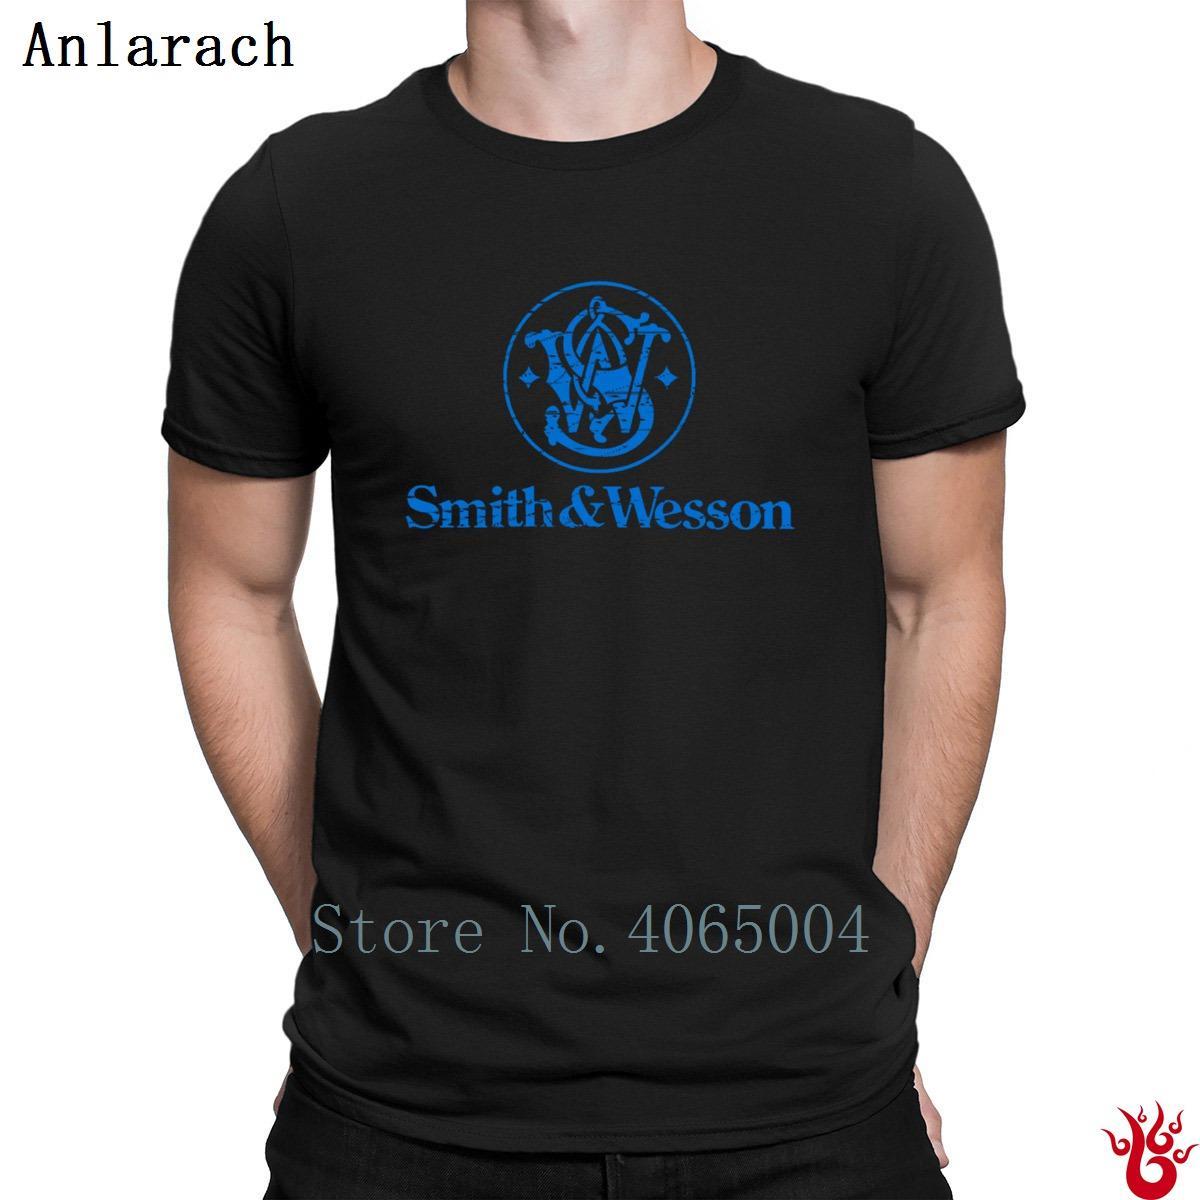 Hip Ampw T-shirt de Smith e Wesson Hop Impresso louco Streetwear Homens T-shirt 2018 gola redonda confortável 100% Carta de algodão